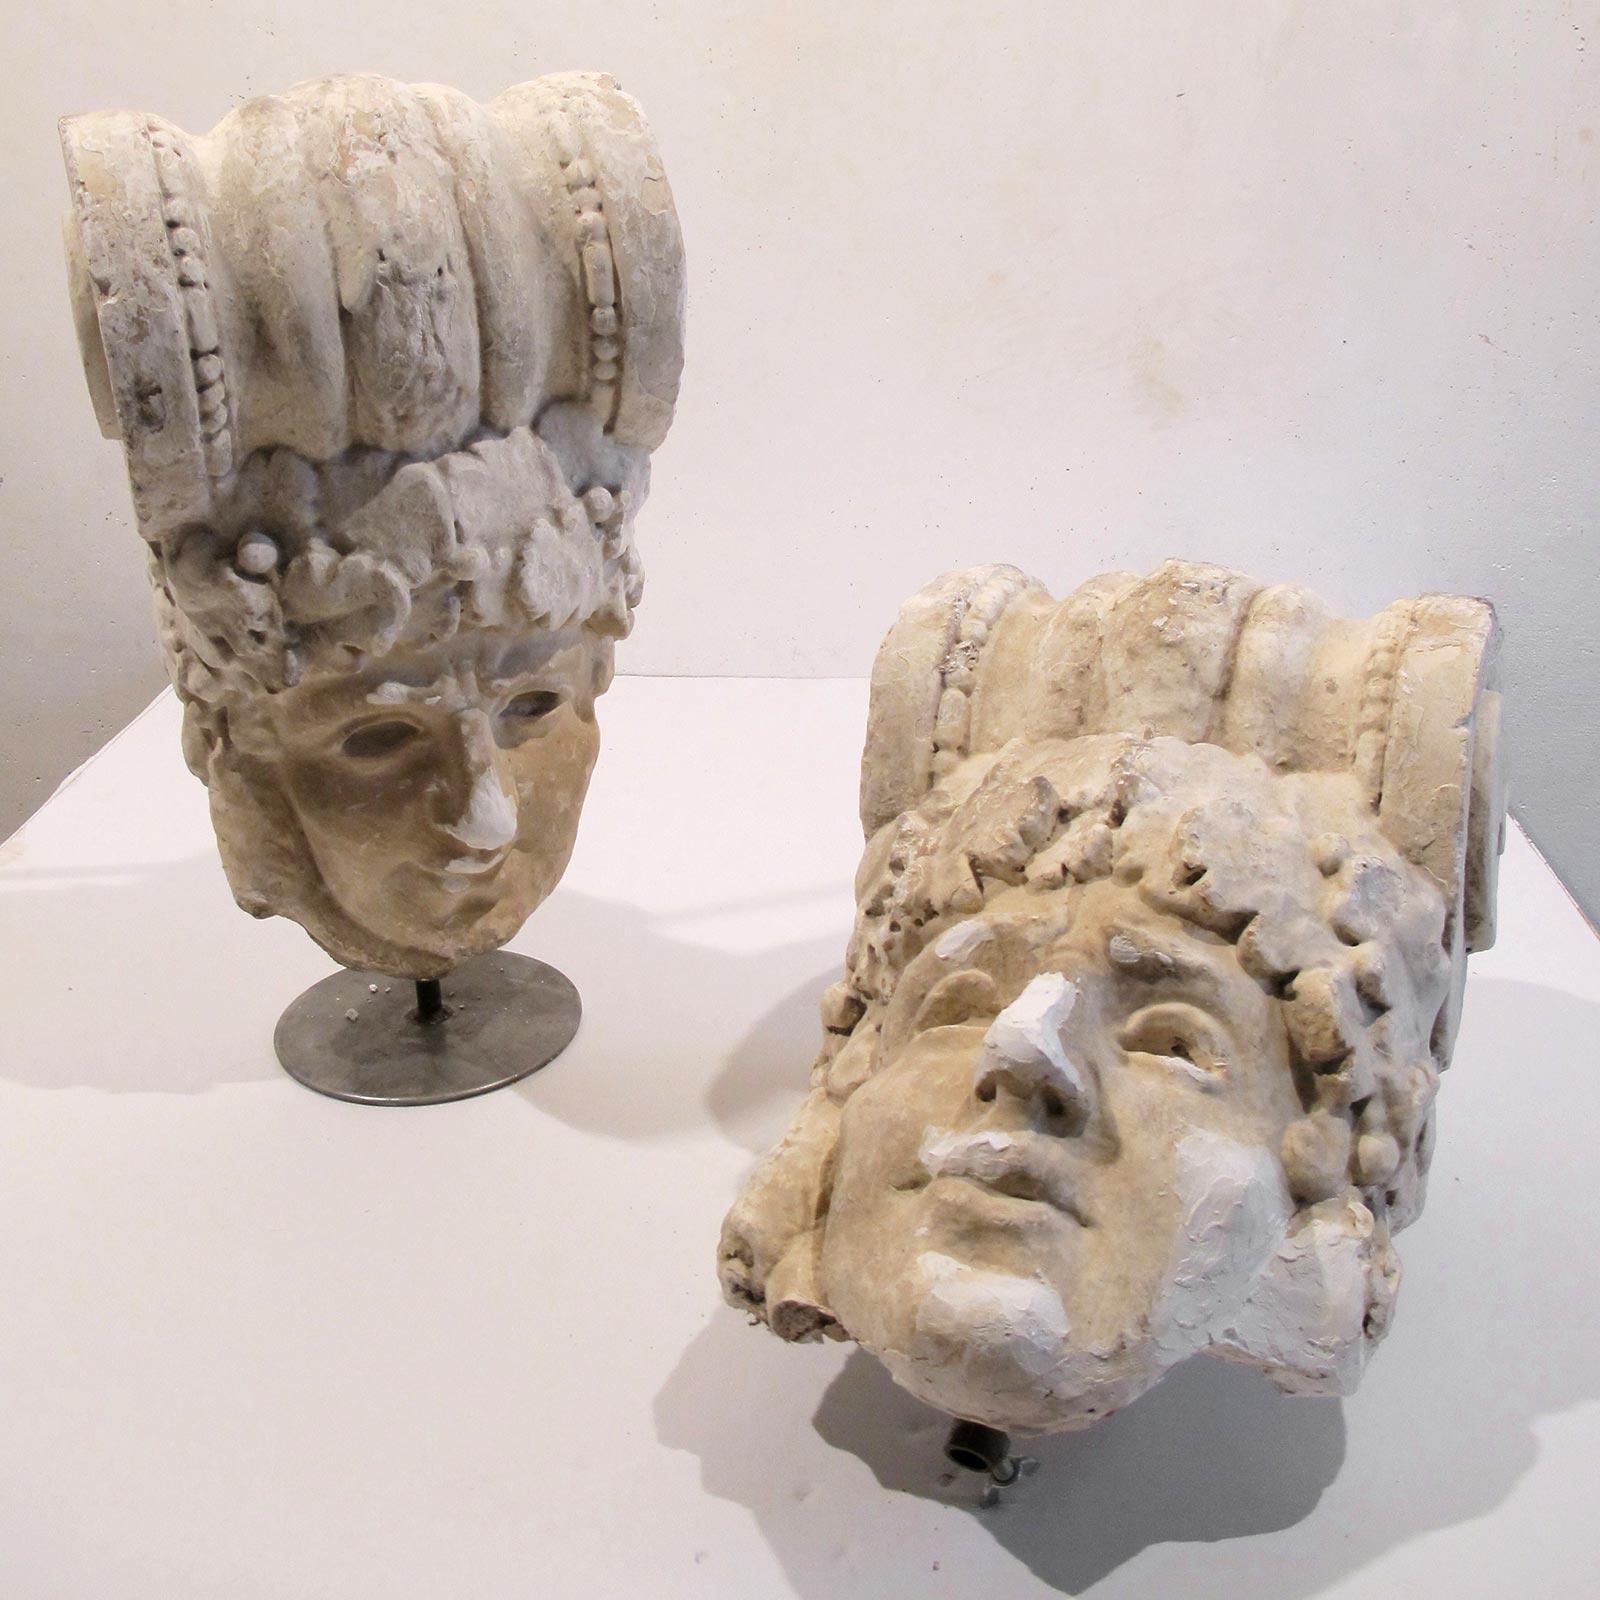 maschere-griselli-studio17-caterina-sbrana-gabriele-mallegni-0